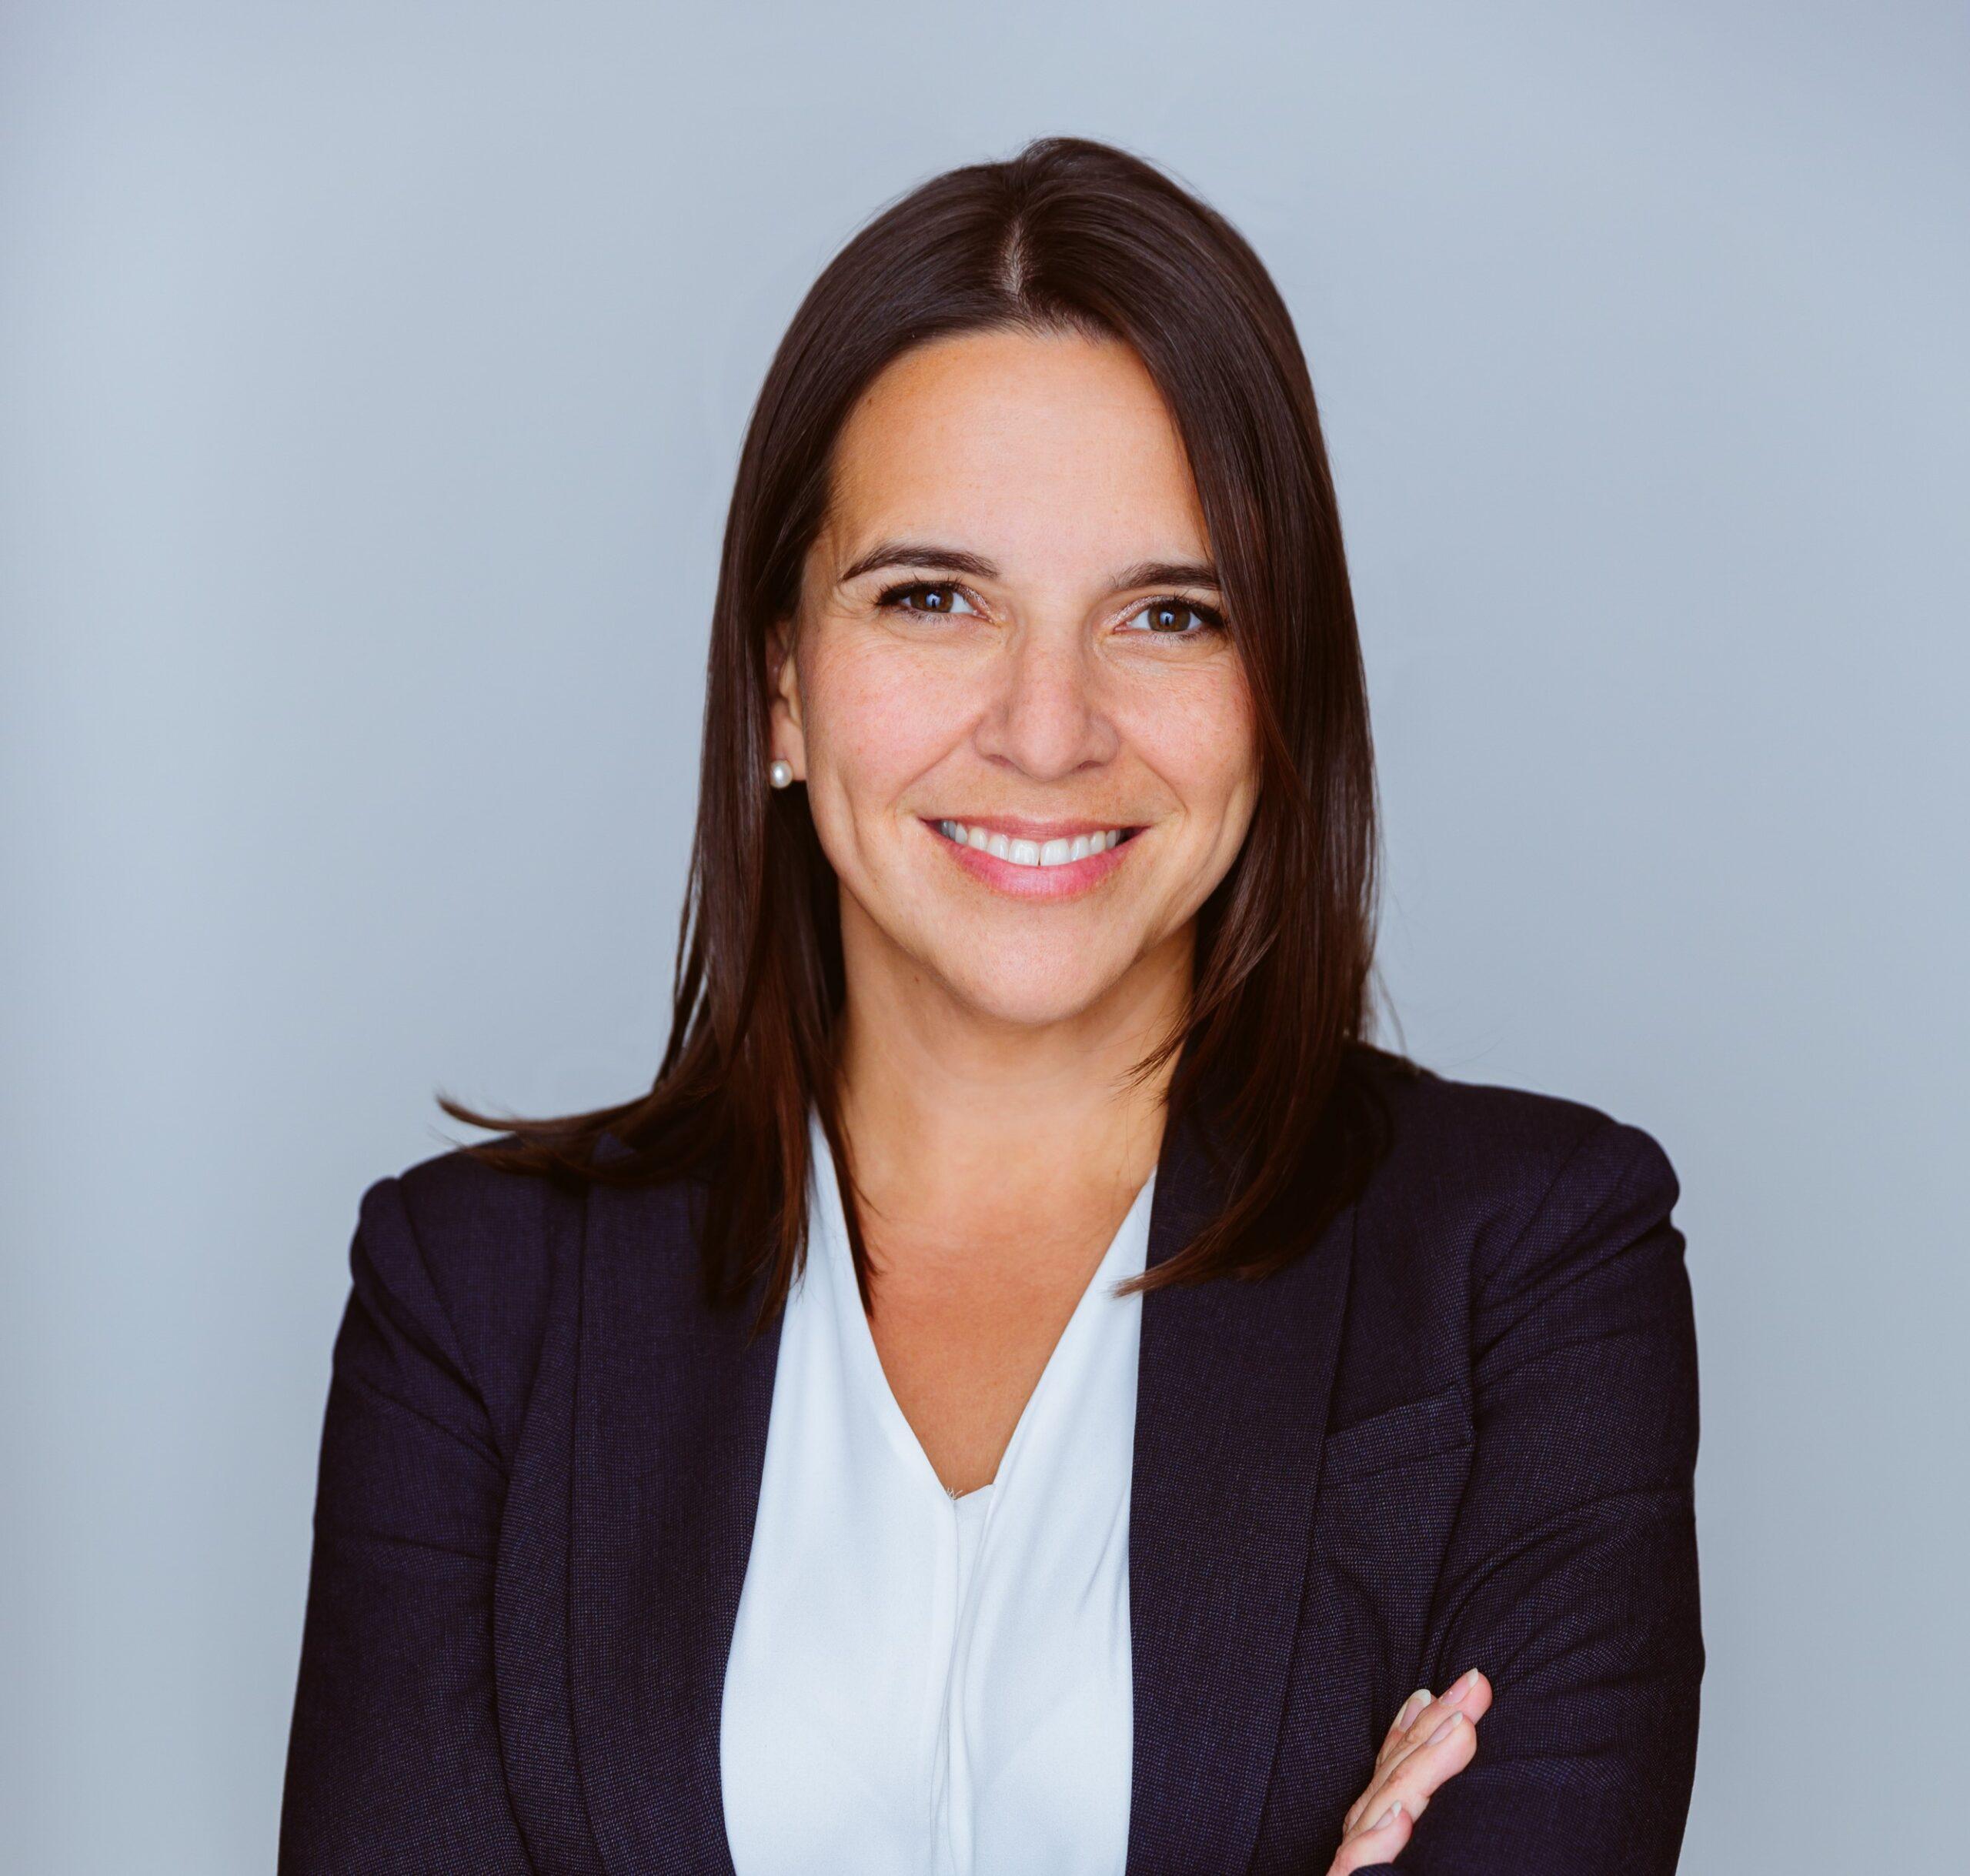 Audrey Lachance